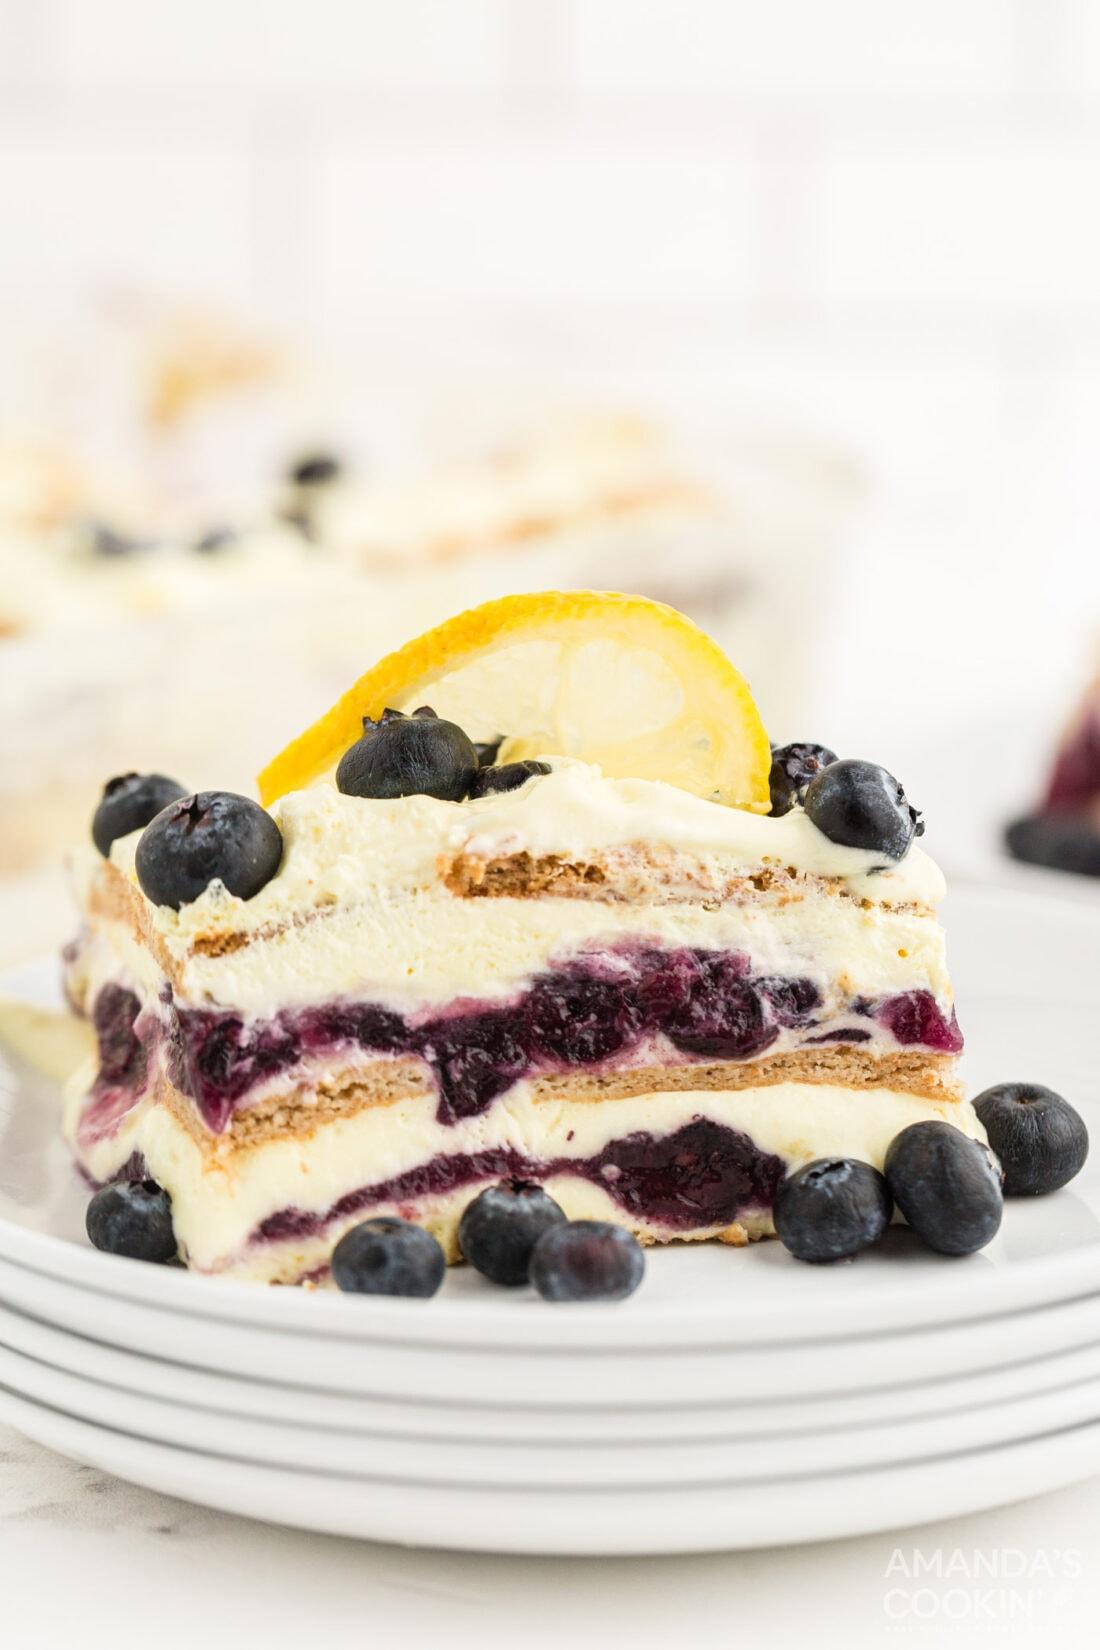 slice of Lemon Blueberry Icebox Cake